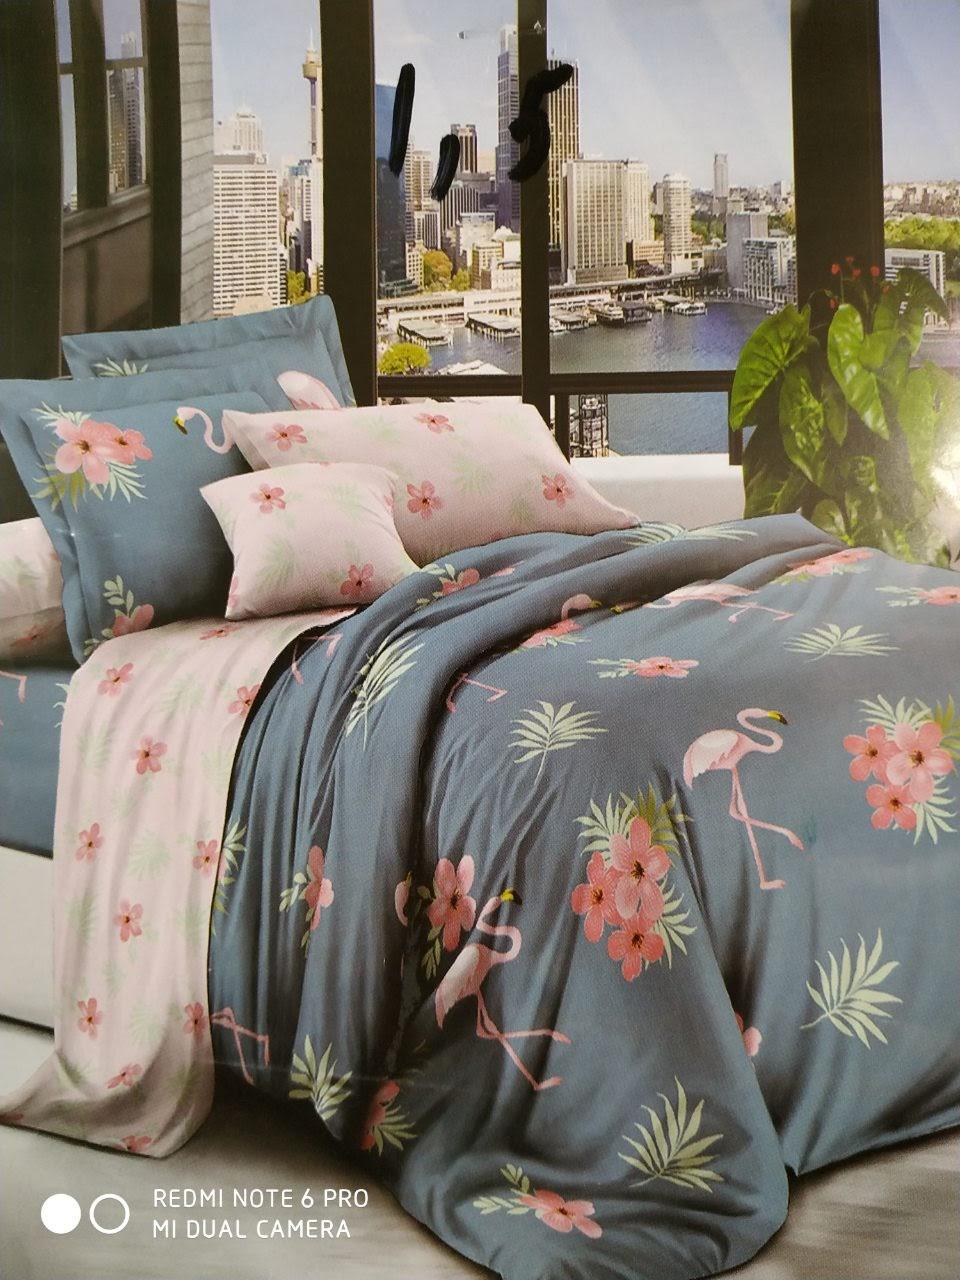 Комплект качественного постельного белья семейка, фламинго